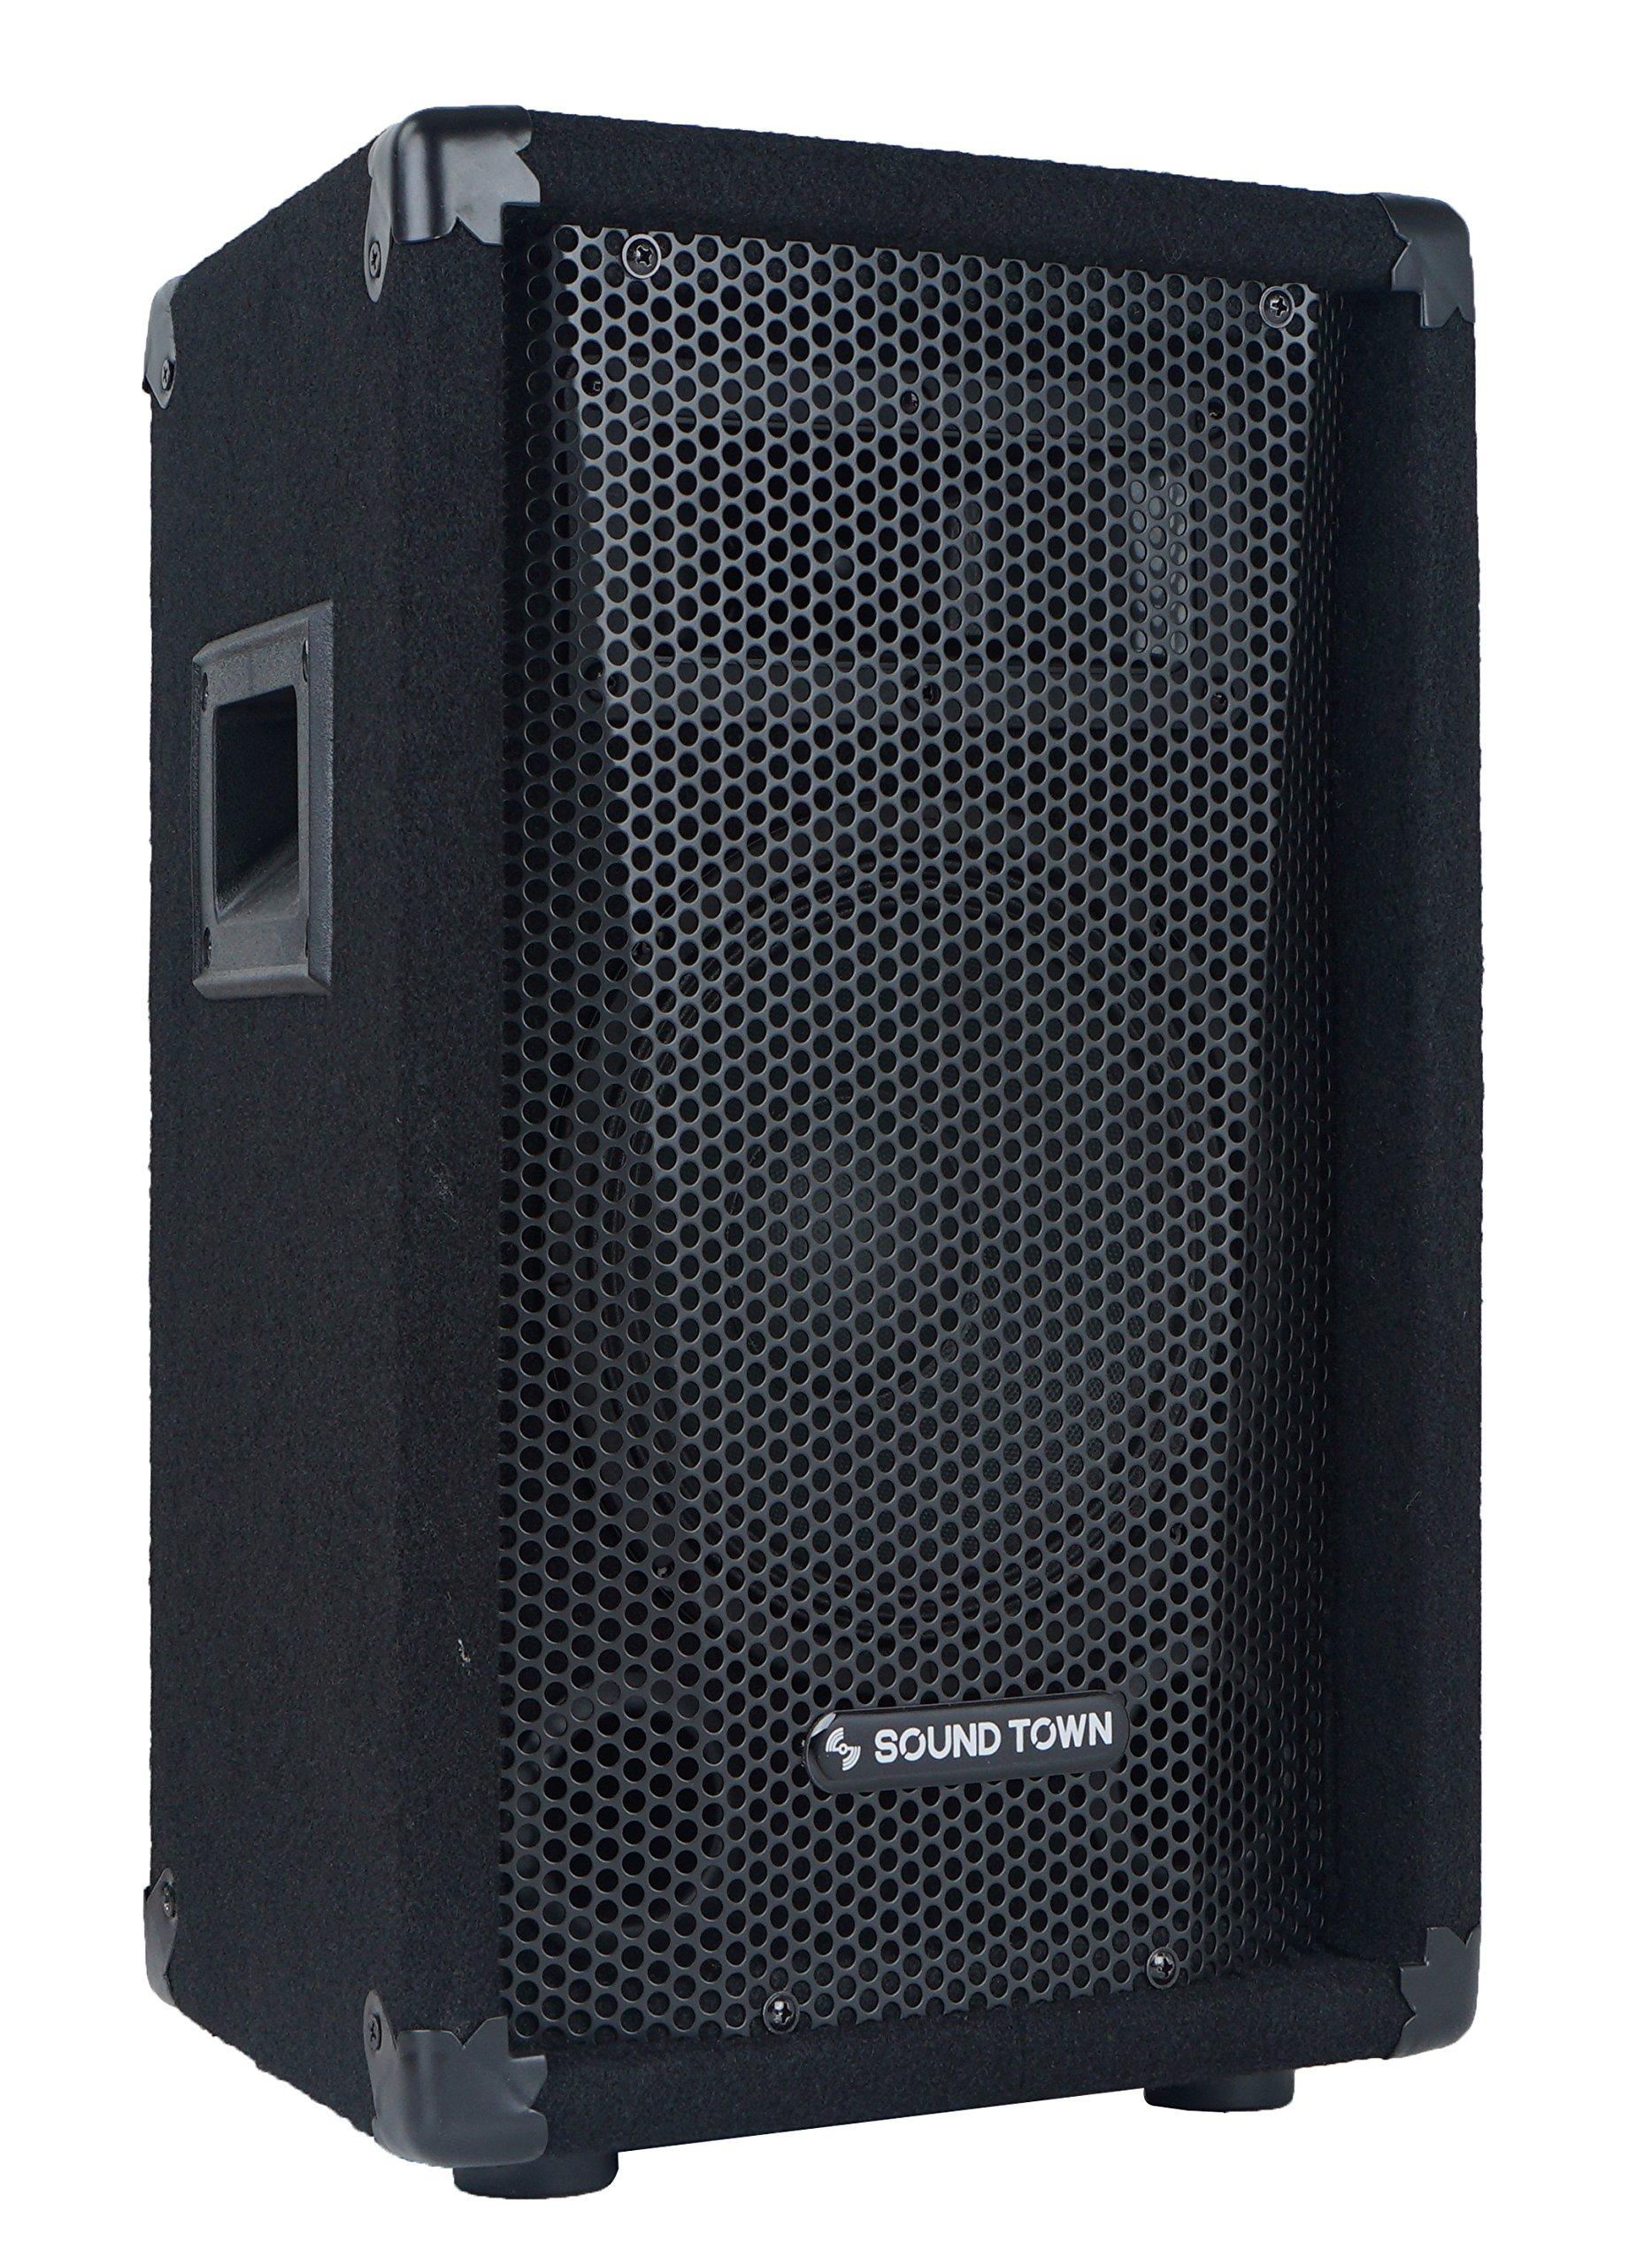 Sound Town Metis Series PA System (CALLISTO-8)